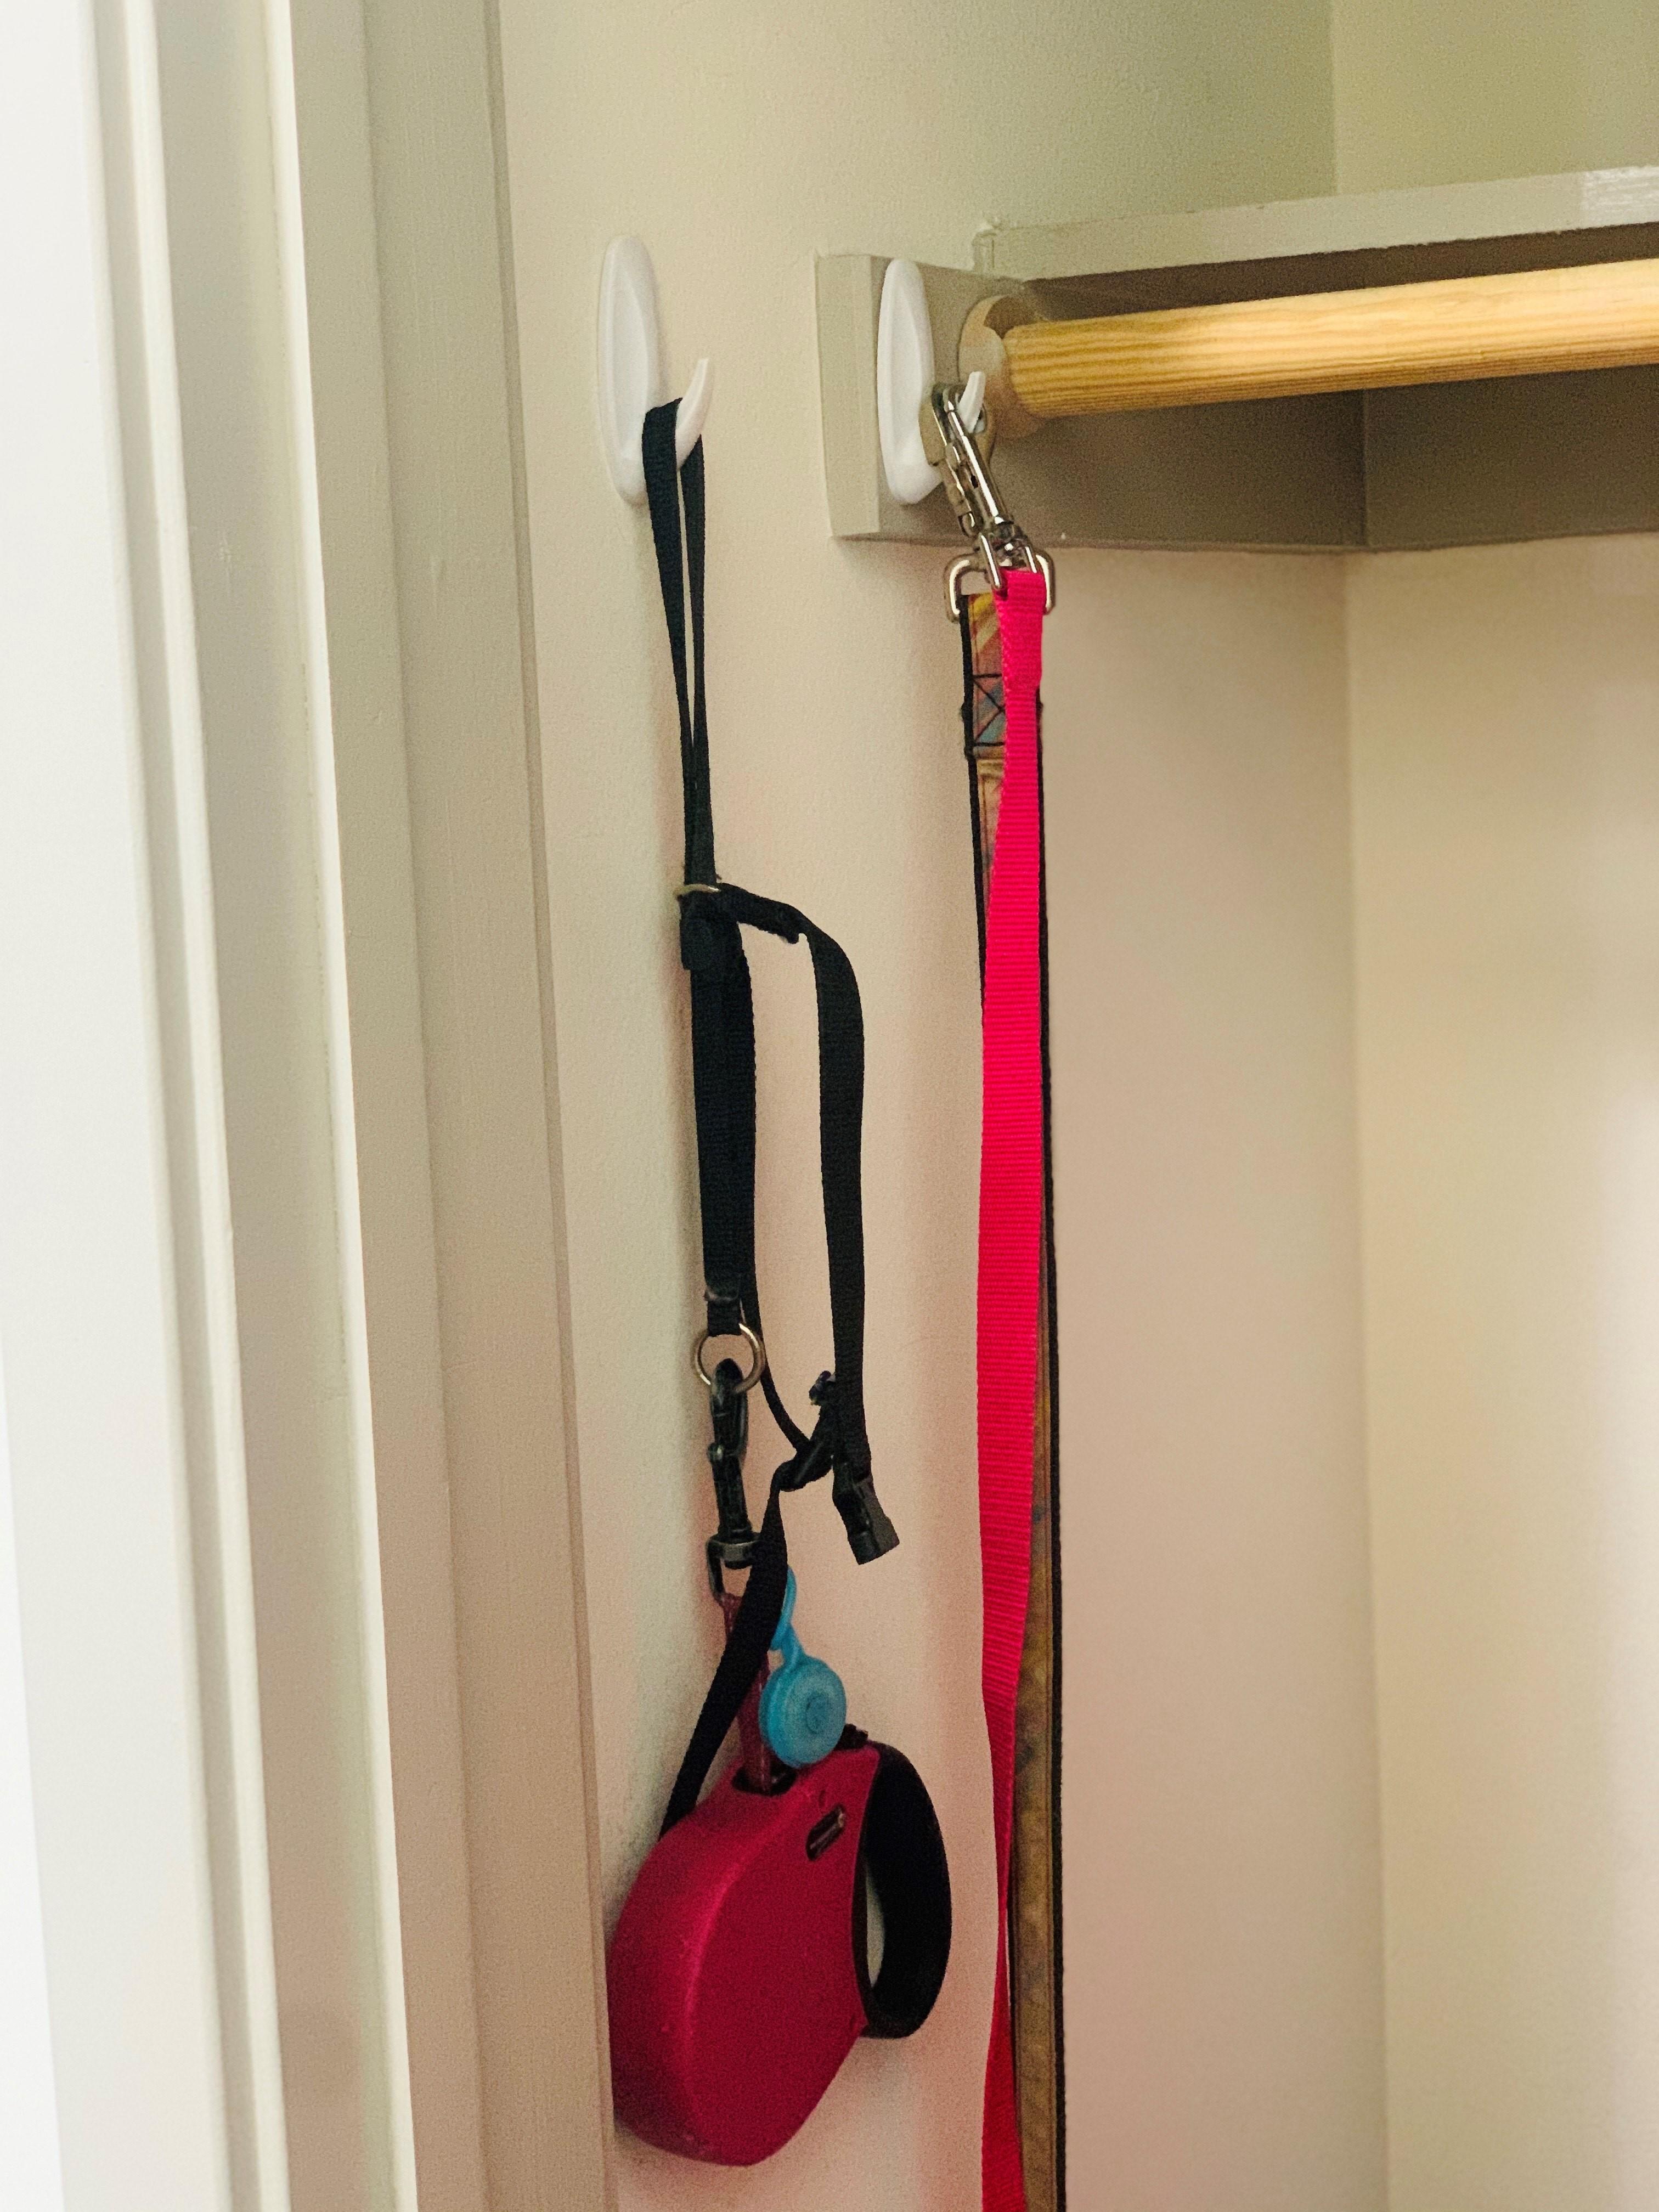 Sticky hooks used to hold dog leashes